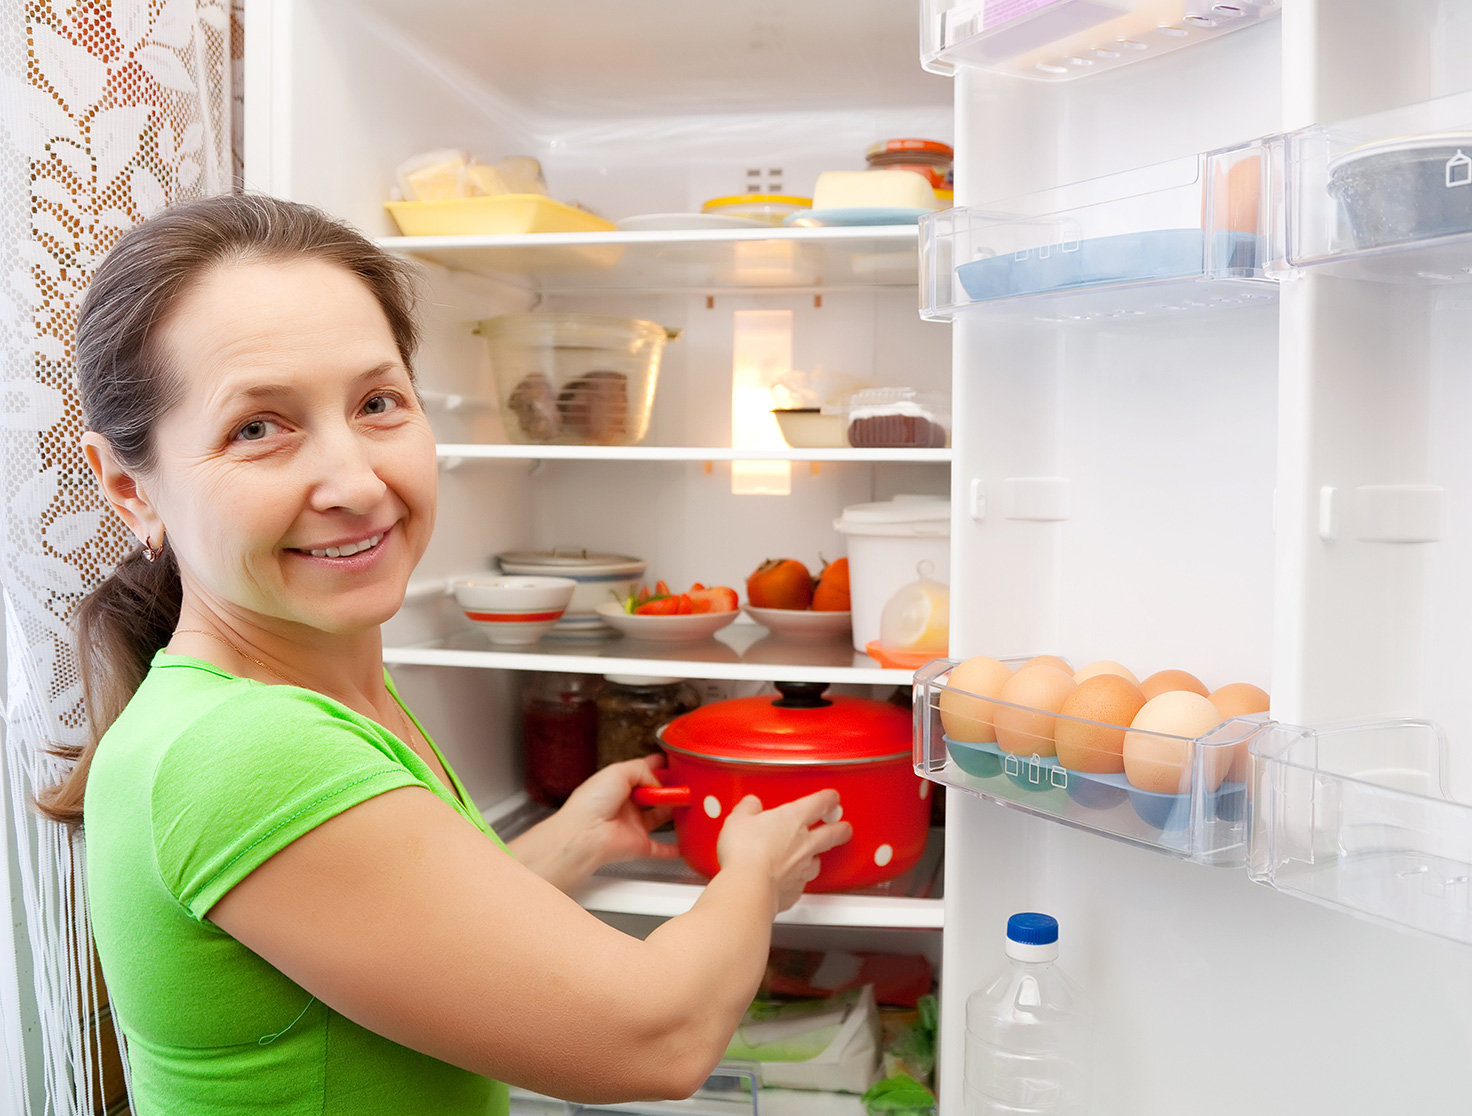 посмотреть что в холодильнике картинки